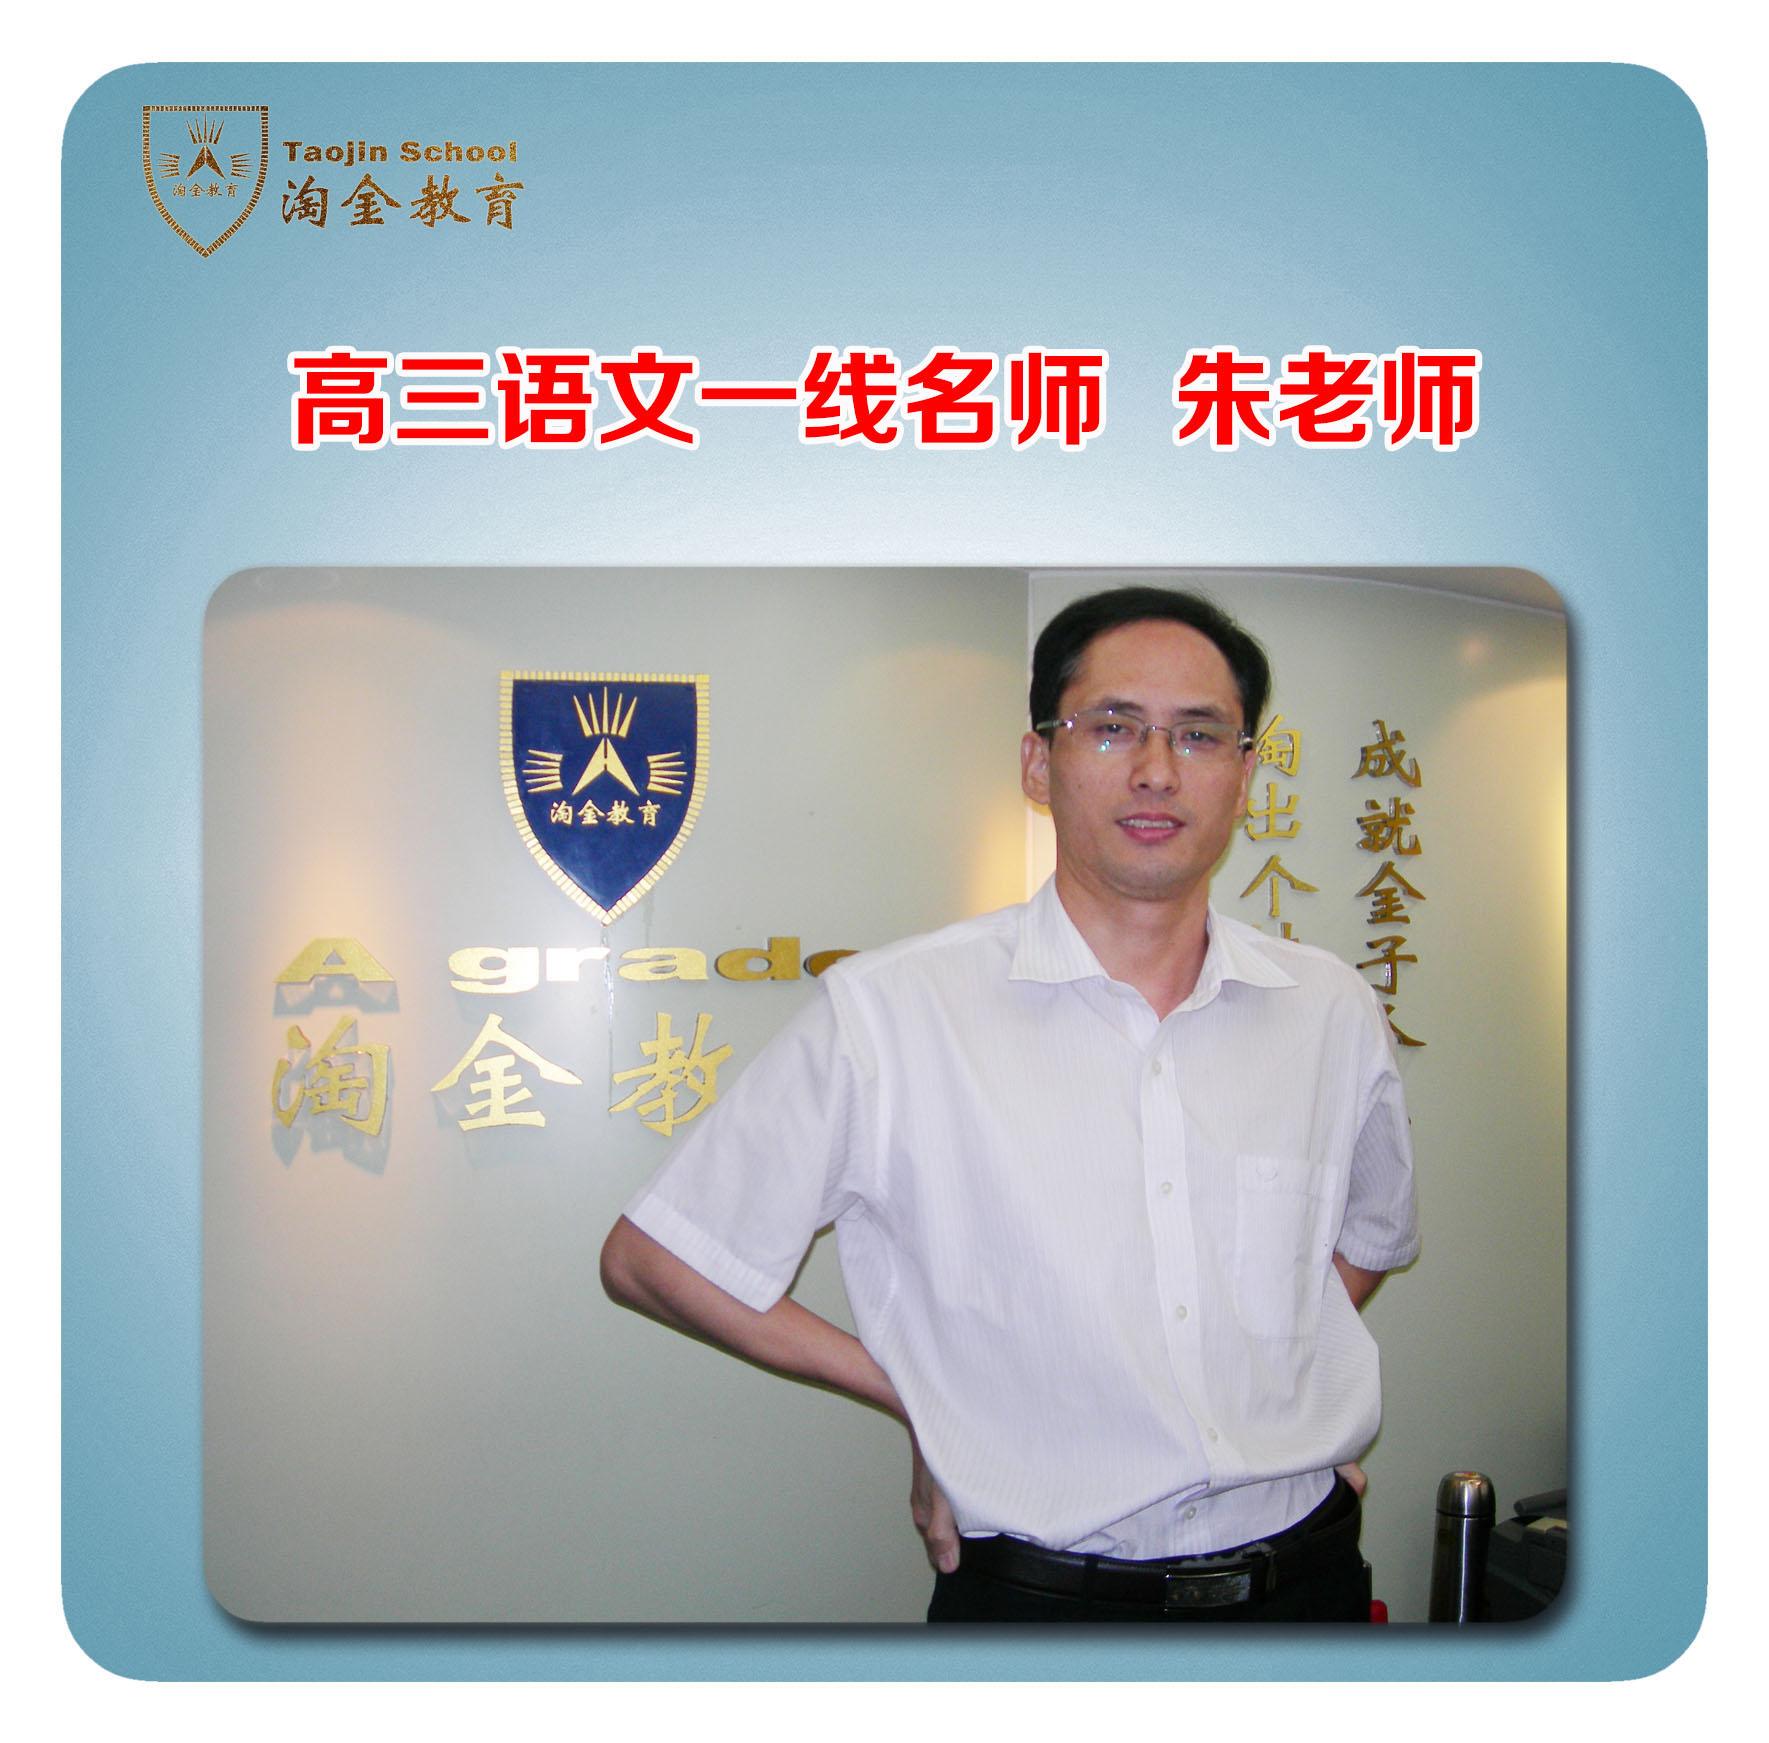 广州高二语文补习班